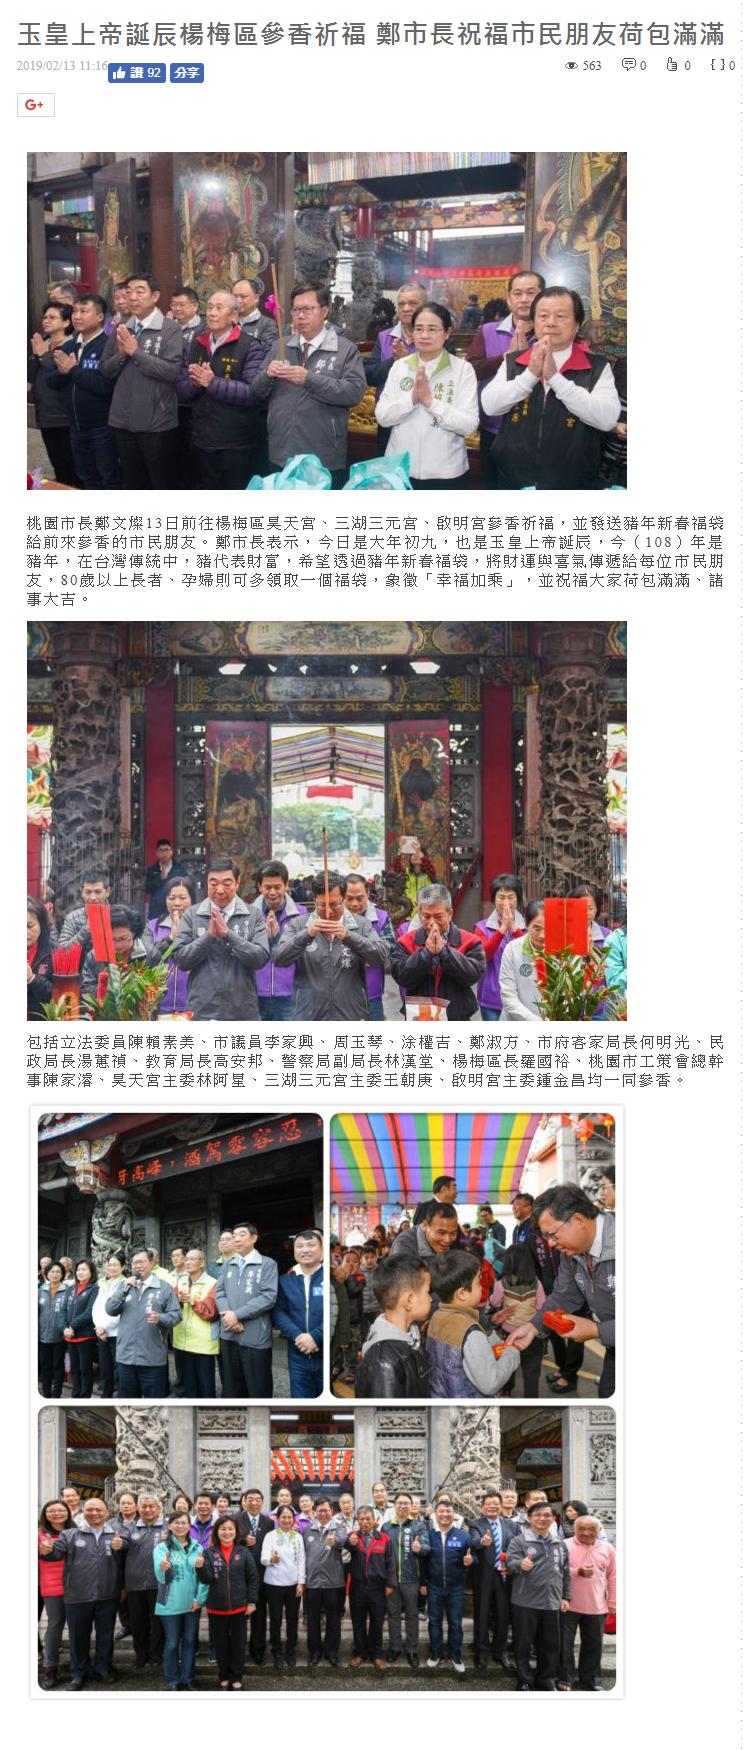 玉皇上帝誕辰楊梅區參香祈福 鄭市長祝福市民朋友荷包滿滿